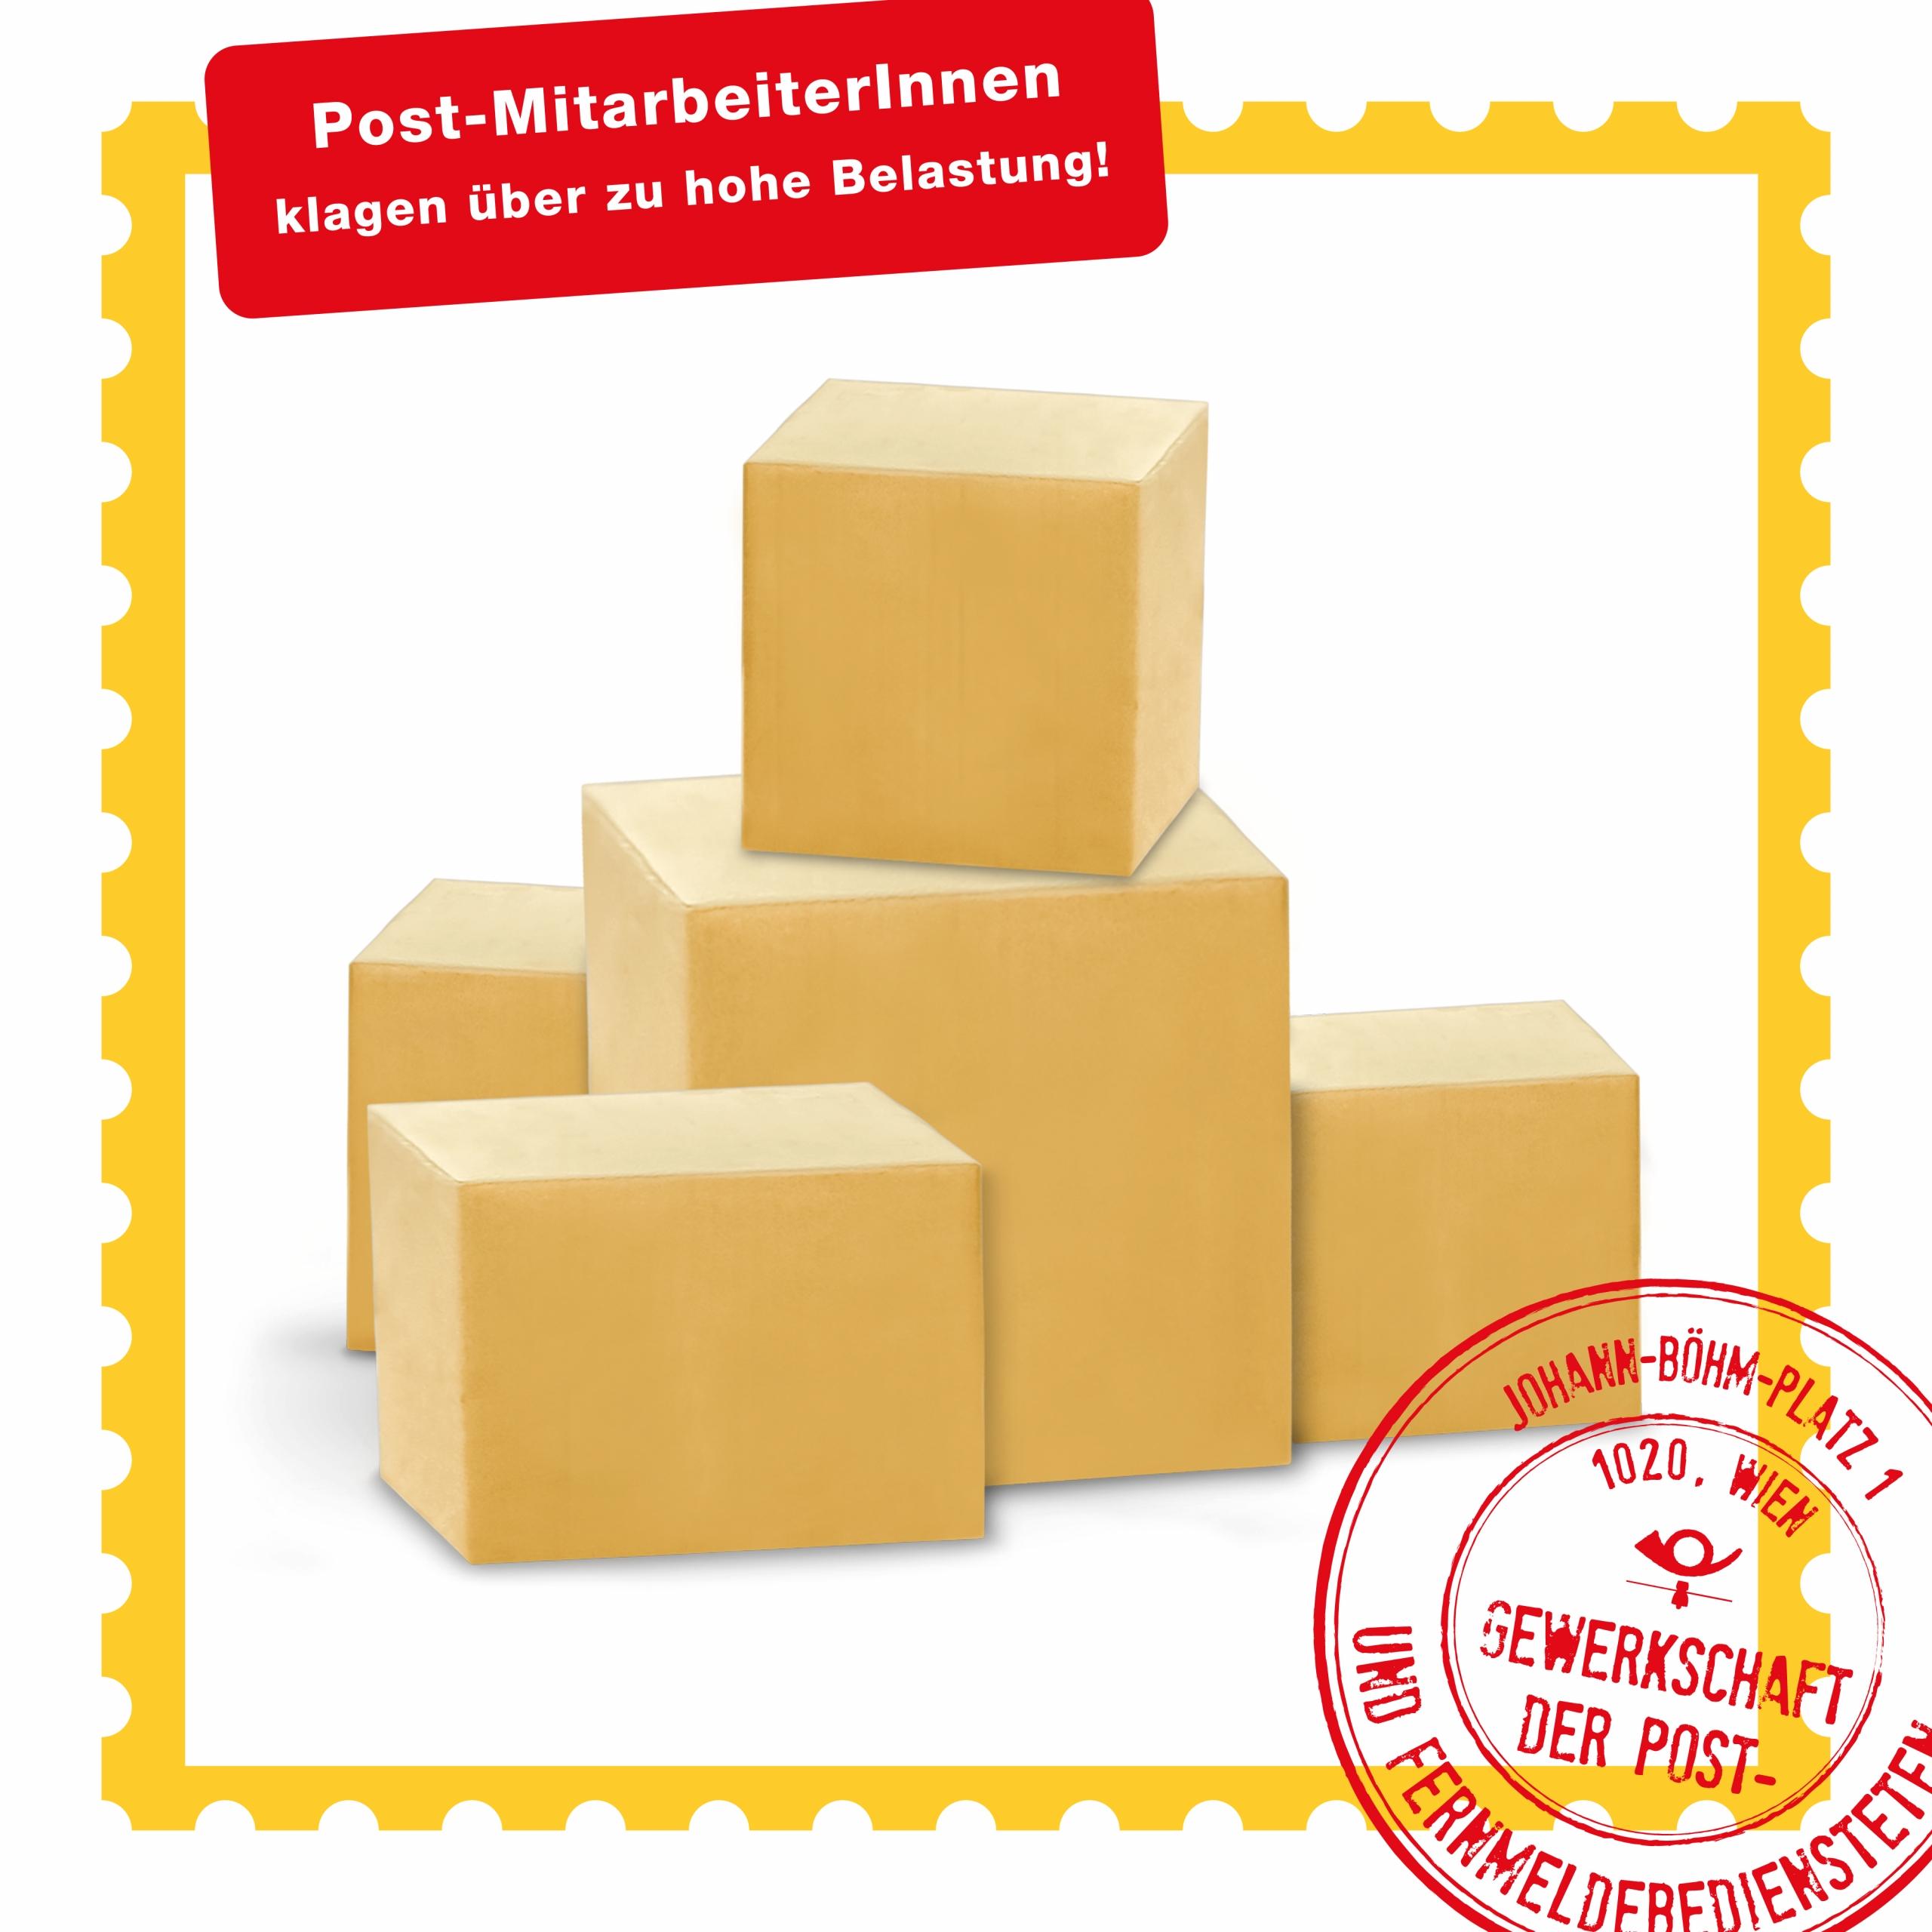 OTS Köstinger_Post-MitarbeiterInnen Belastung_Beitragsbild